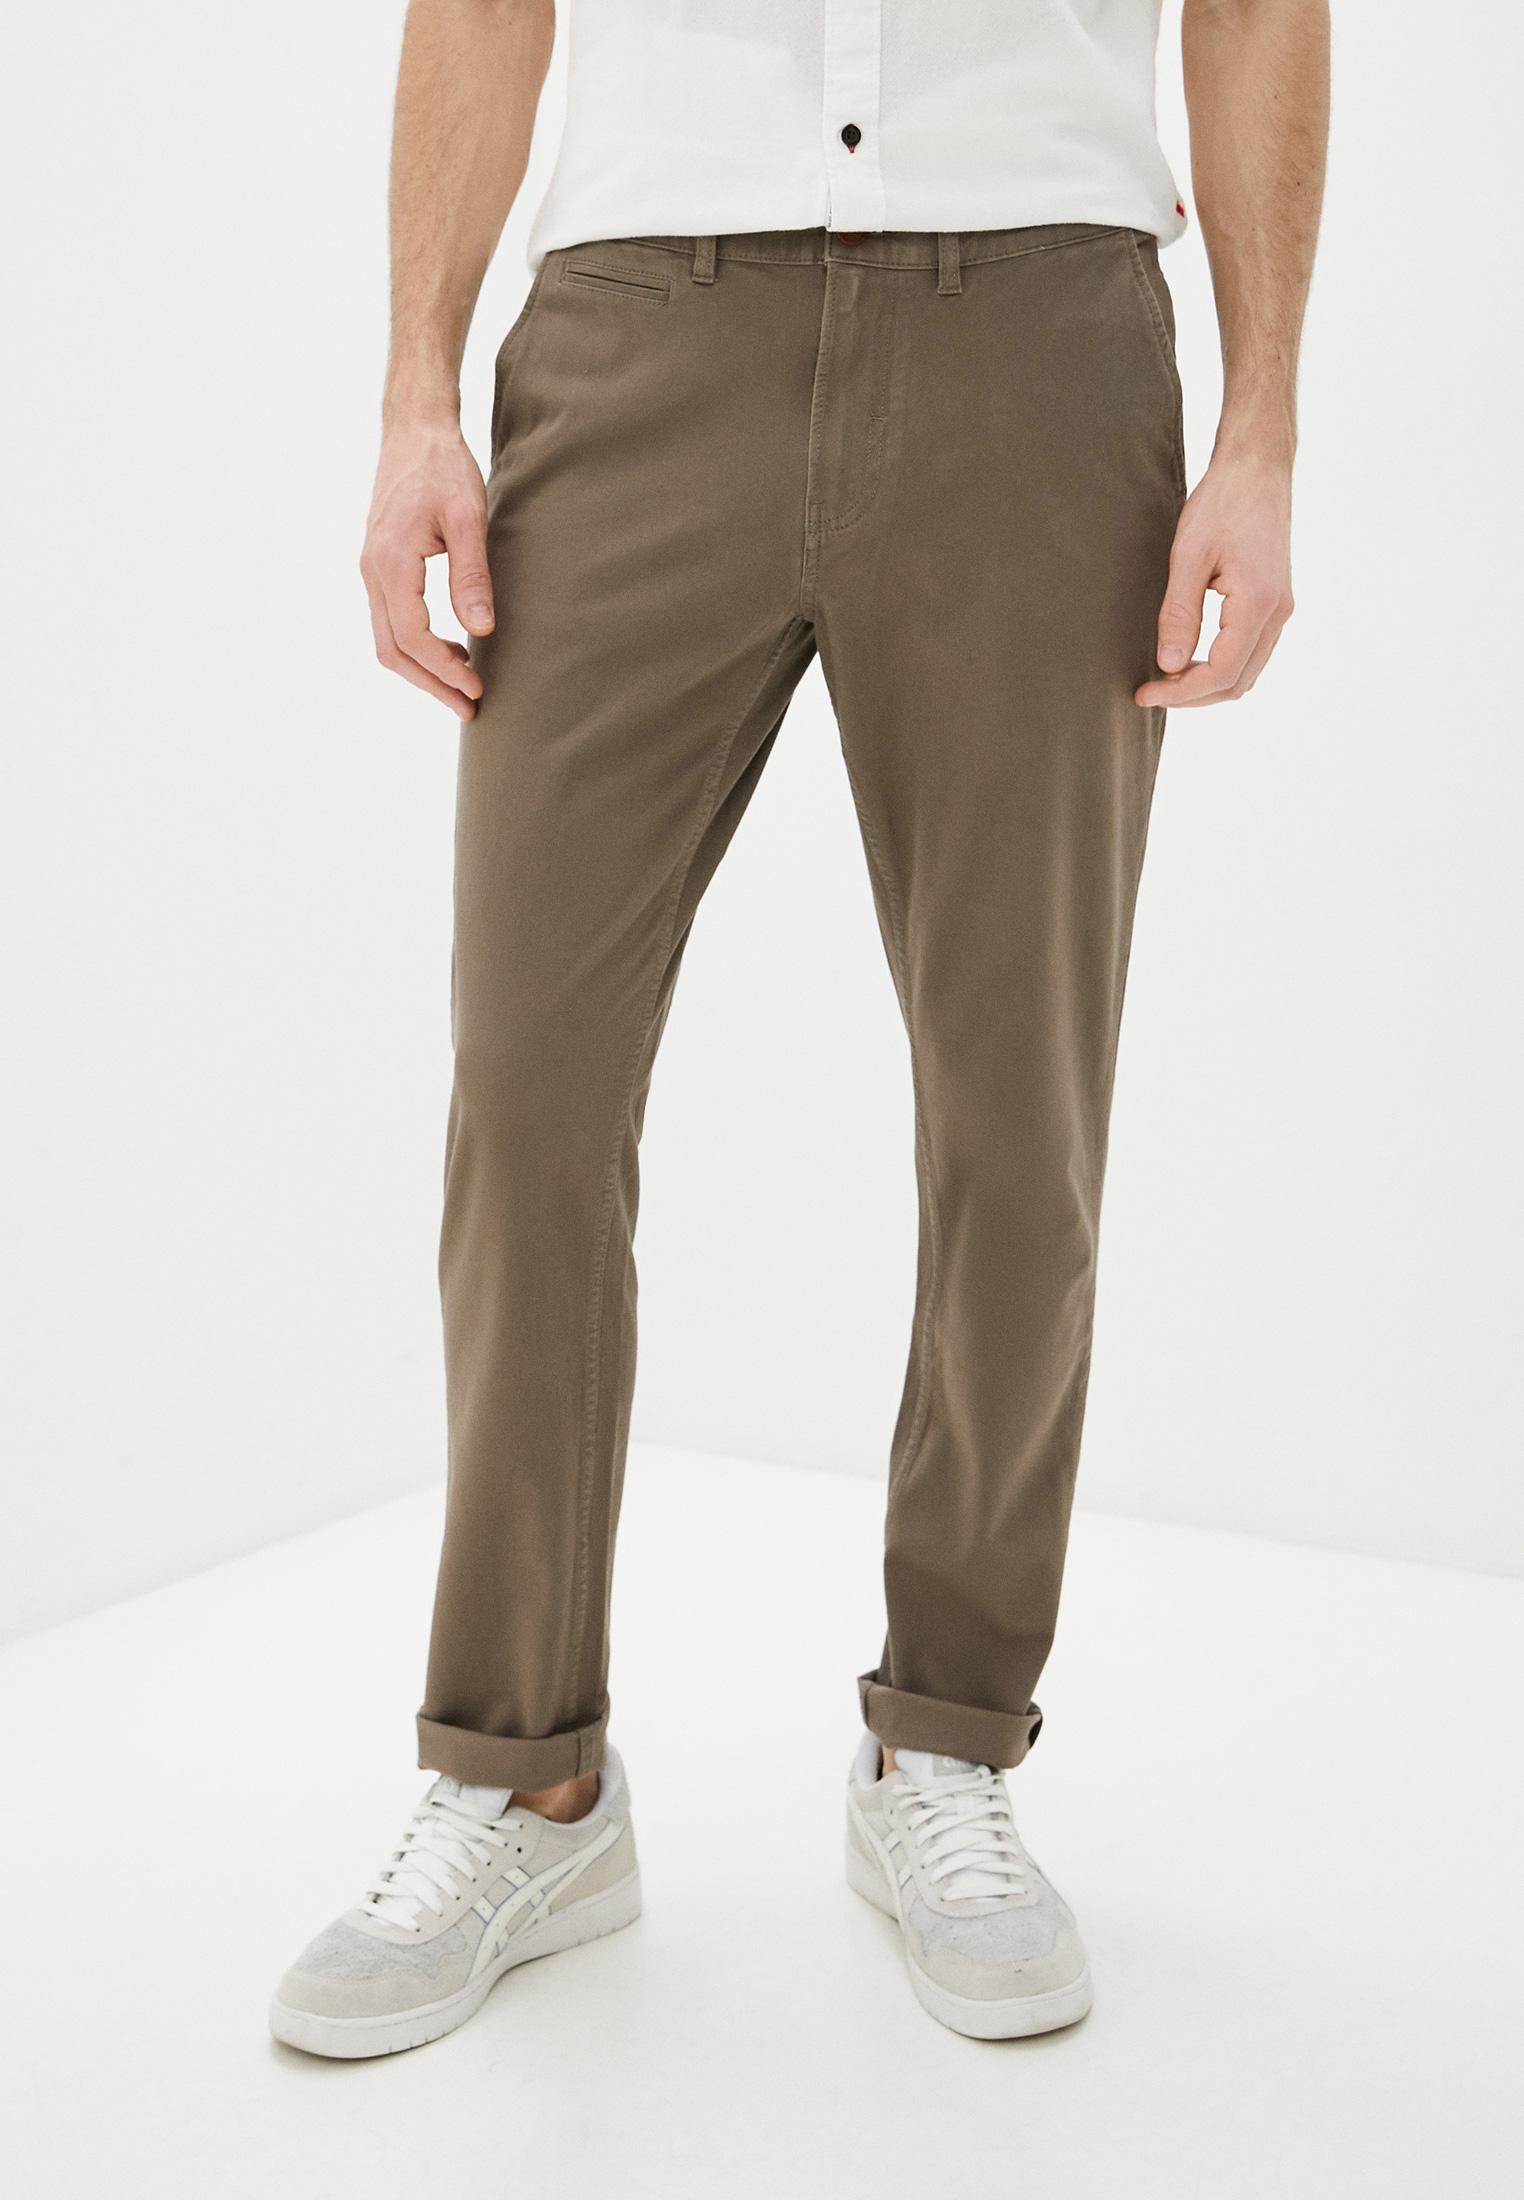 Мужские спортивные брюки Quiksilver (Квиксильвер) Брюки Quiksilver